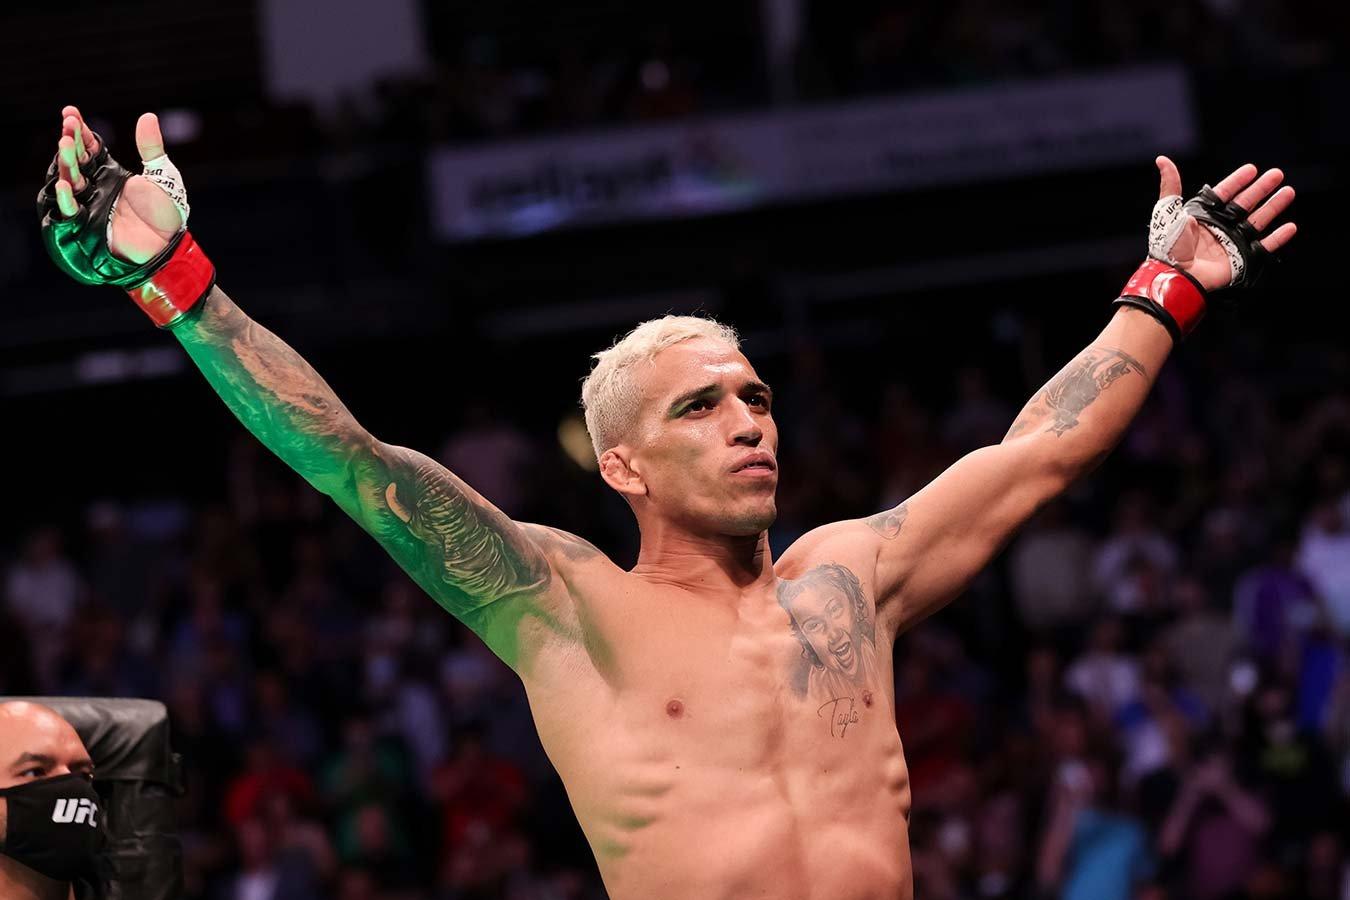 Чемпион UFC Оливейра рассказал о заработках бойцов лиги